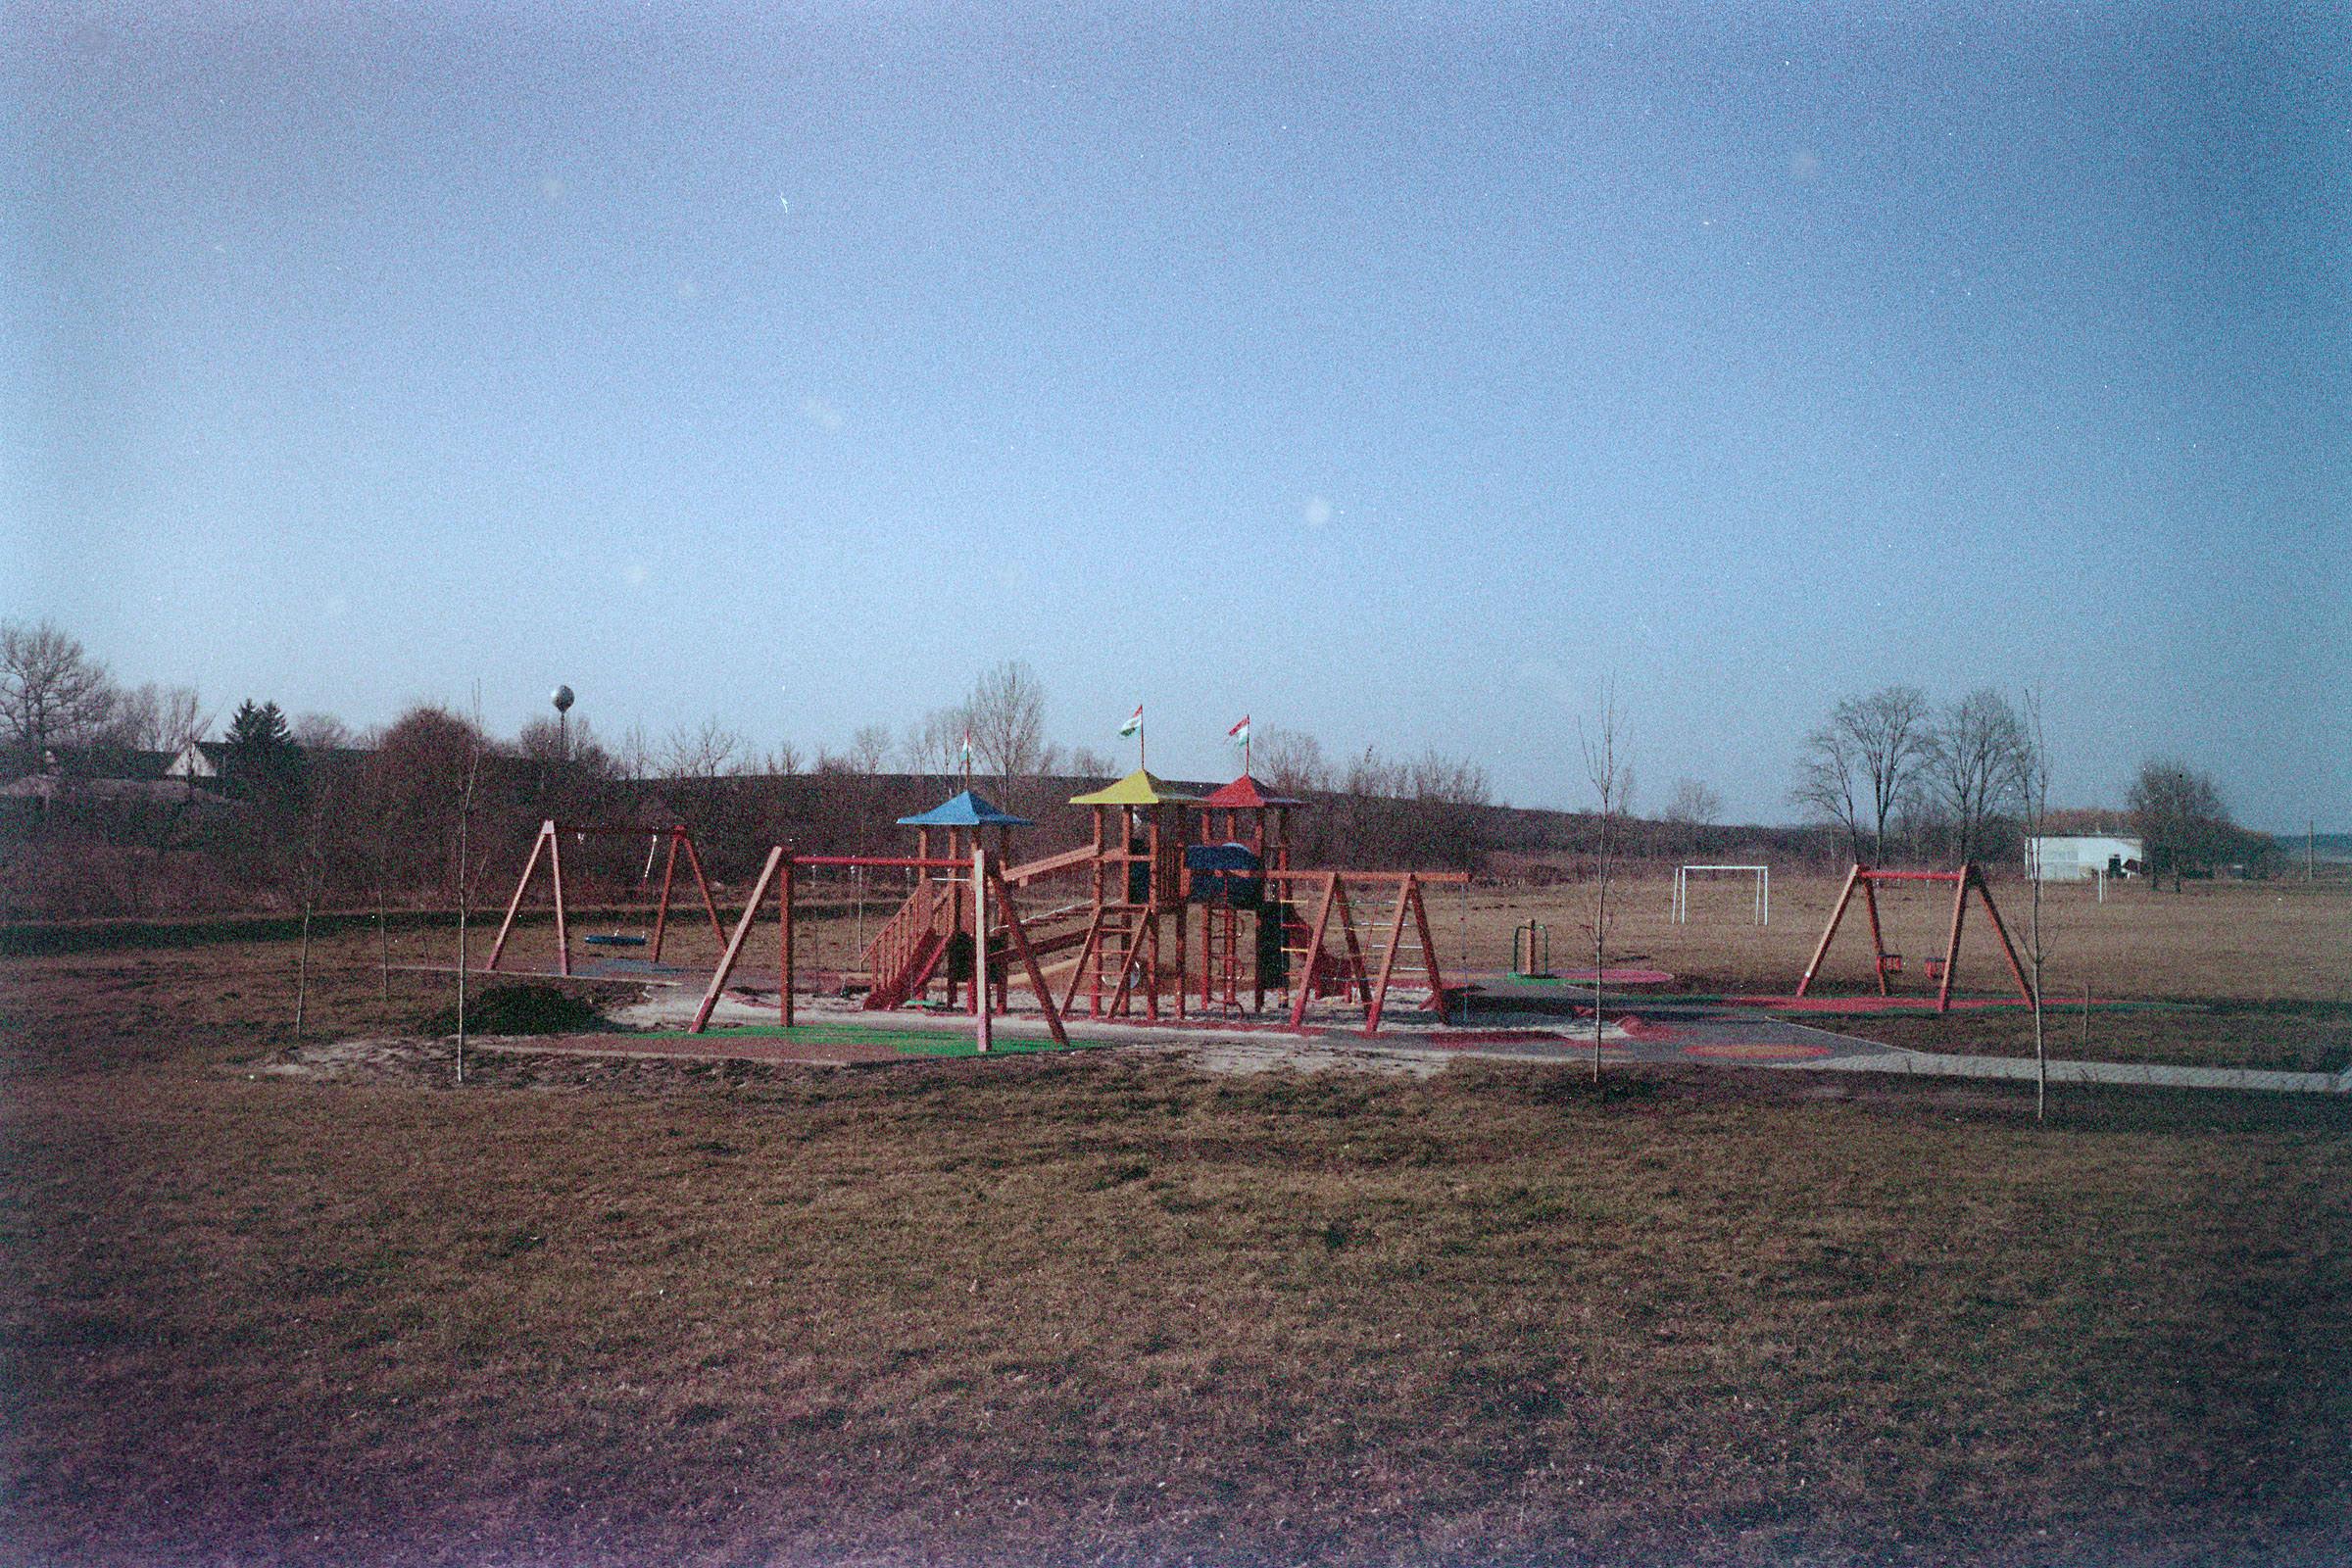 Magócsi Márton: Nagykónyi, játszótér | Nagykónyi, Playground, 2016